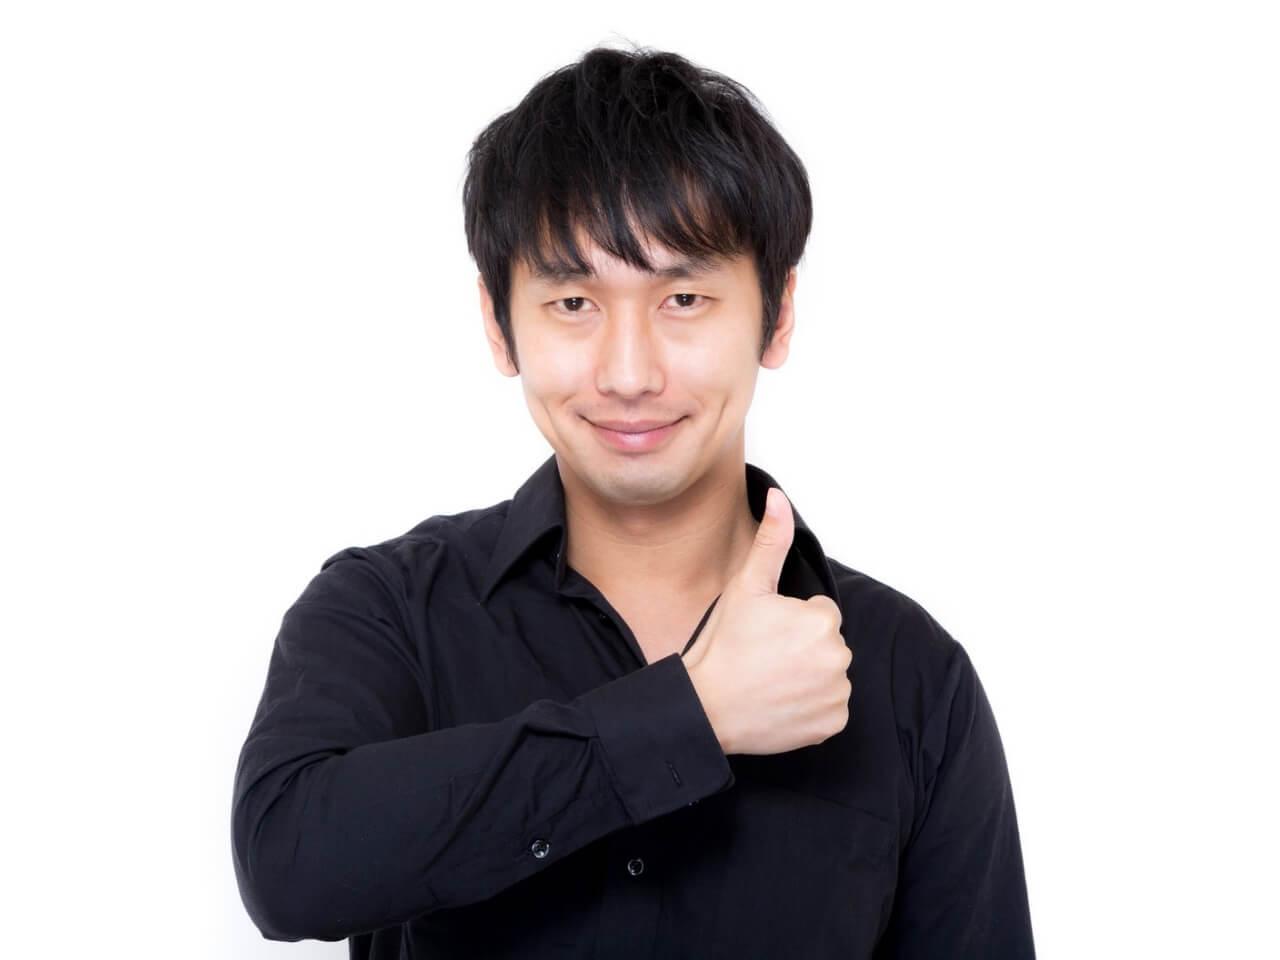 サムズアップする黒いシャツを着た男性